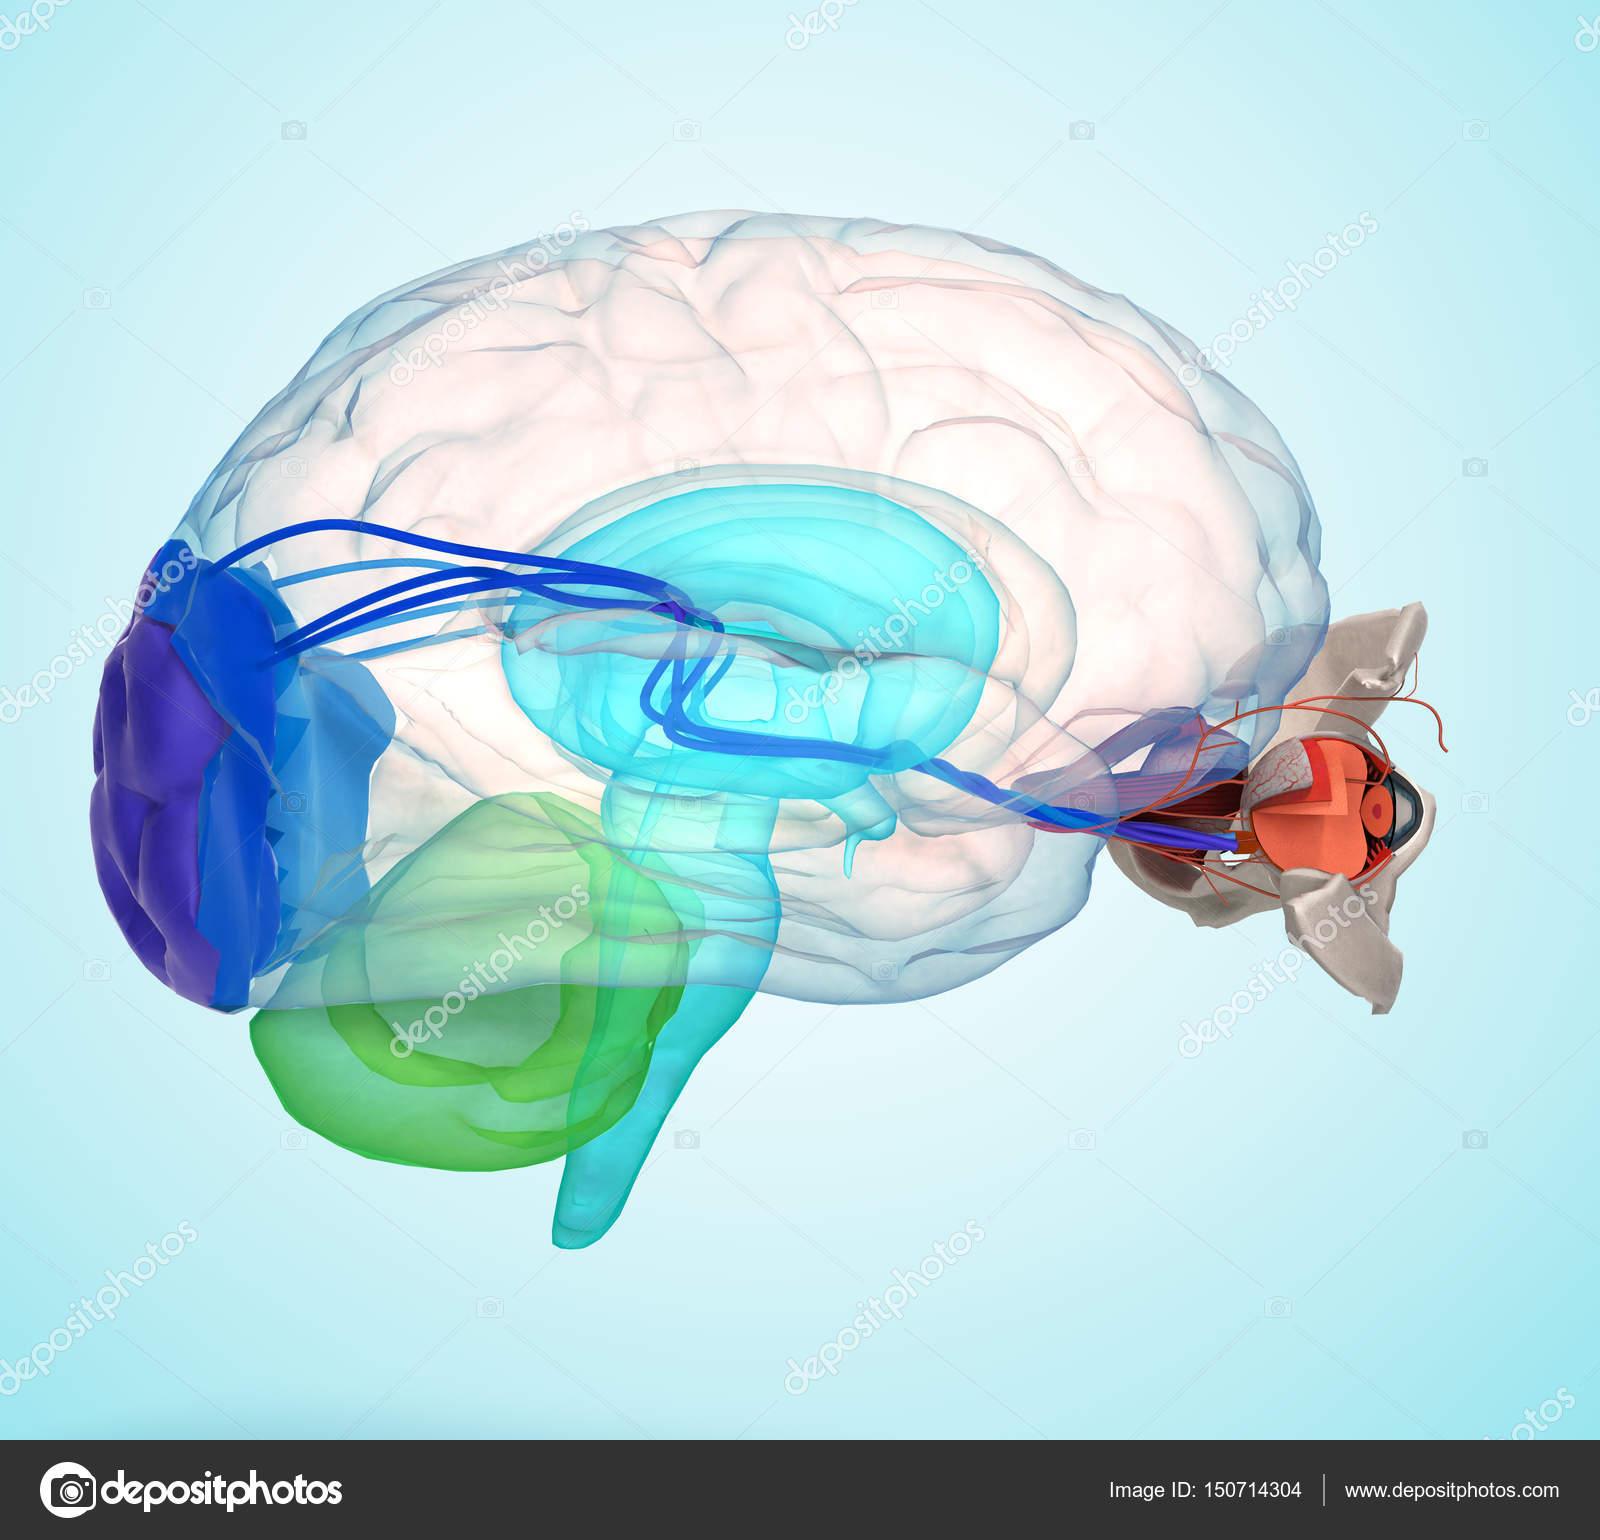 Auge-Anatomie und Struktur, Muskeln, Nerven und Blutgefäße des ...